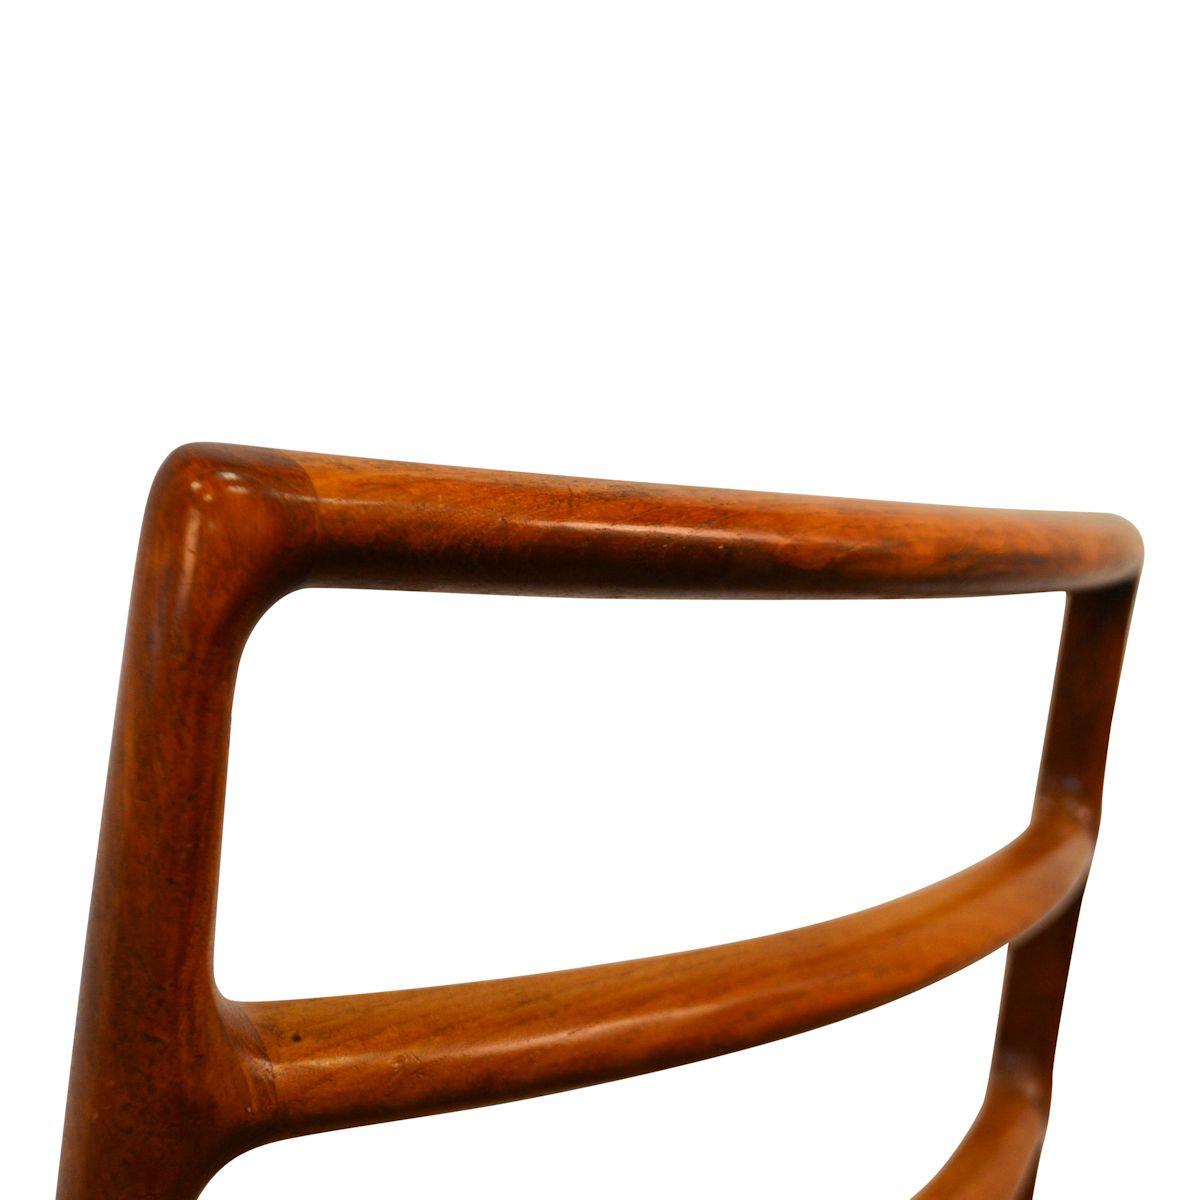 Vintage Niels O. Møller, model 82 teak stoelen (detail)